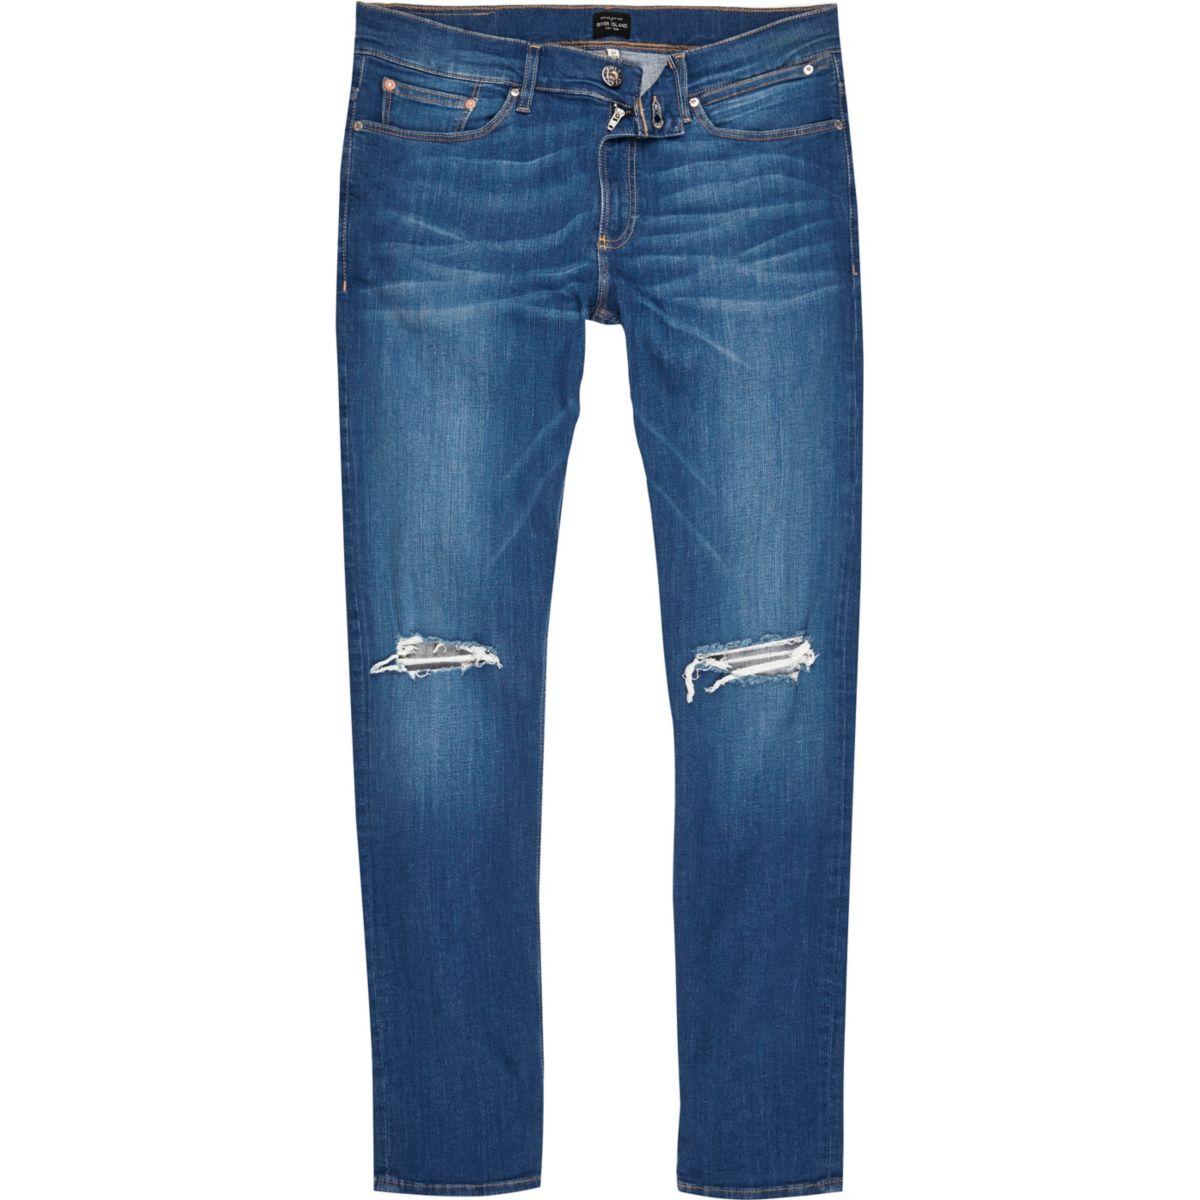 Sid - Ripped skinny jeans met blauwe wassing